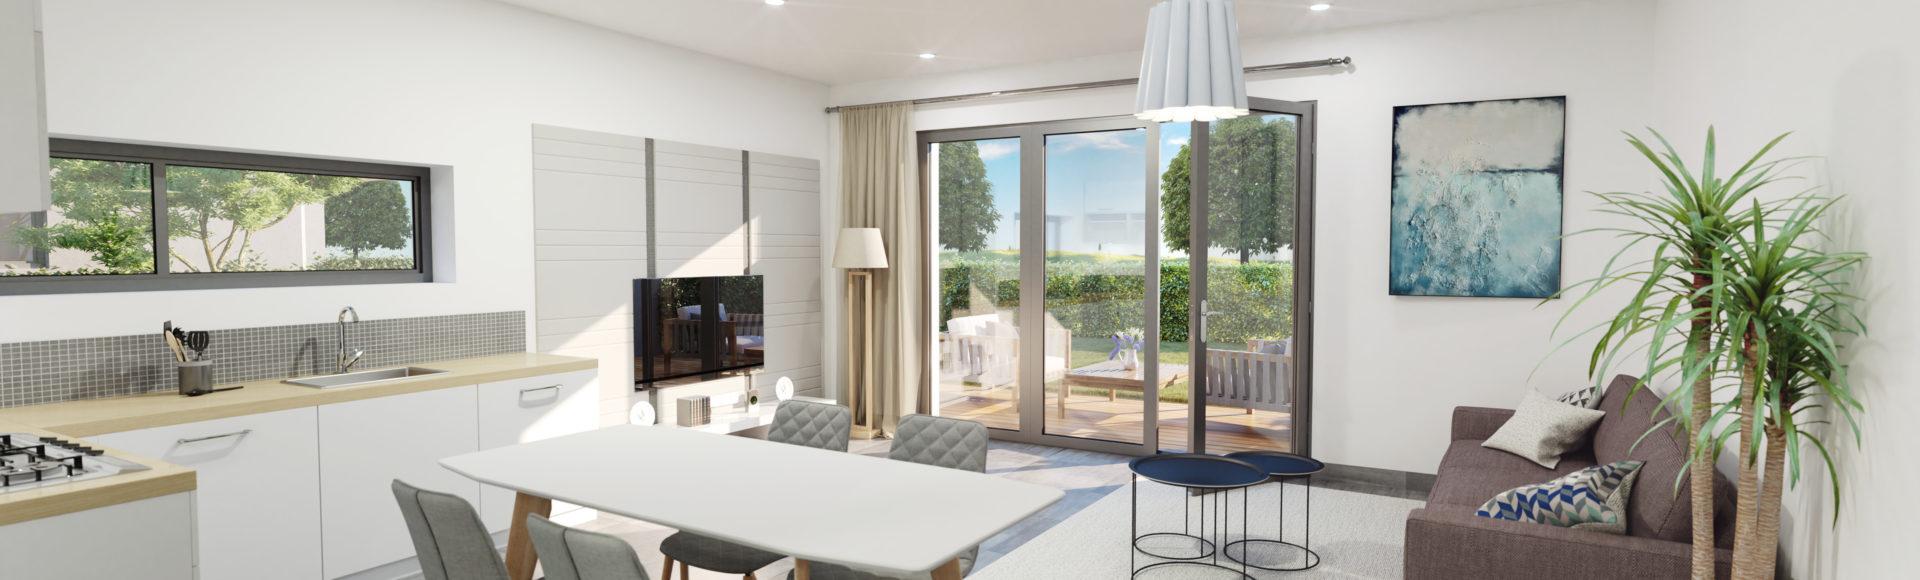 infographiste 3d immobilier freelance Grenoble - perspective séjour